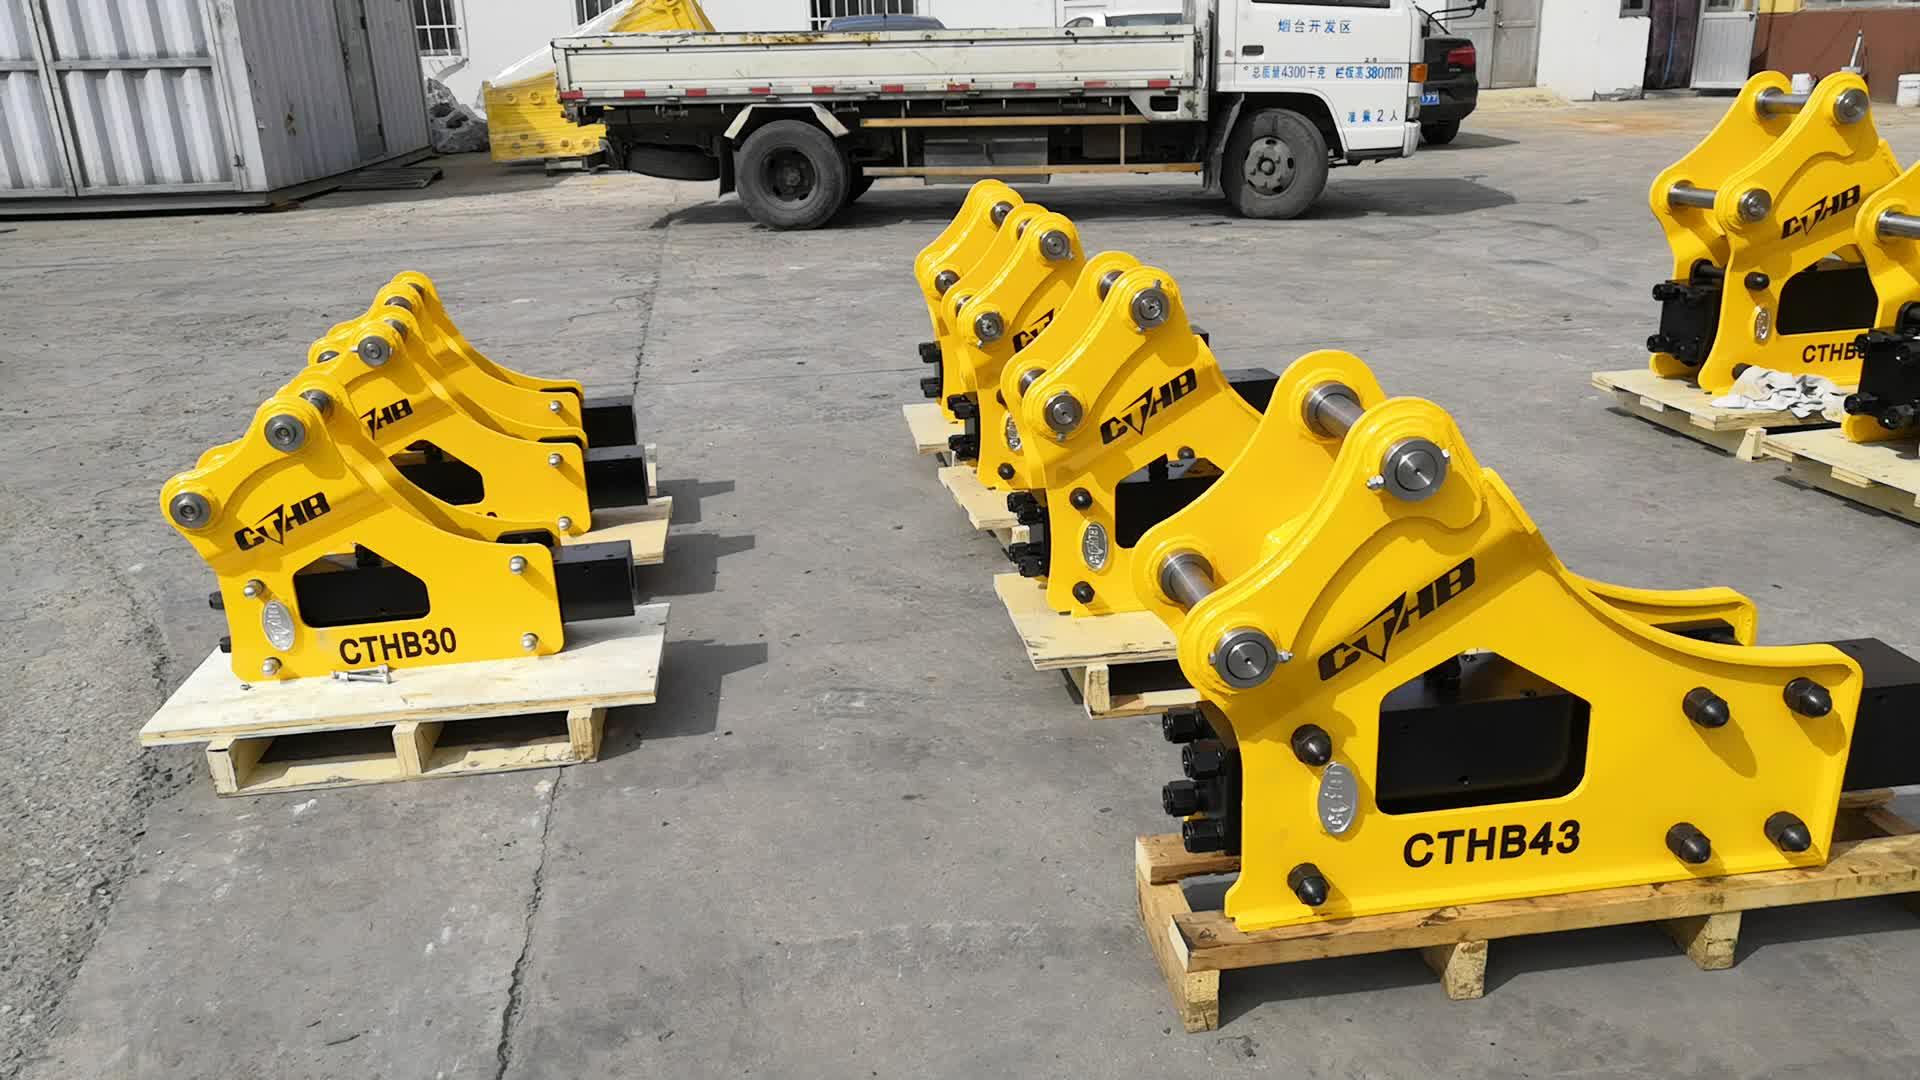 Çin Üretimi Mini Ekskavatör Parçaları Hidrolik kaya kırıcı çekiç Fiyat